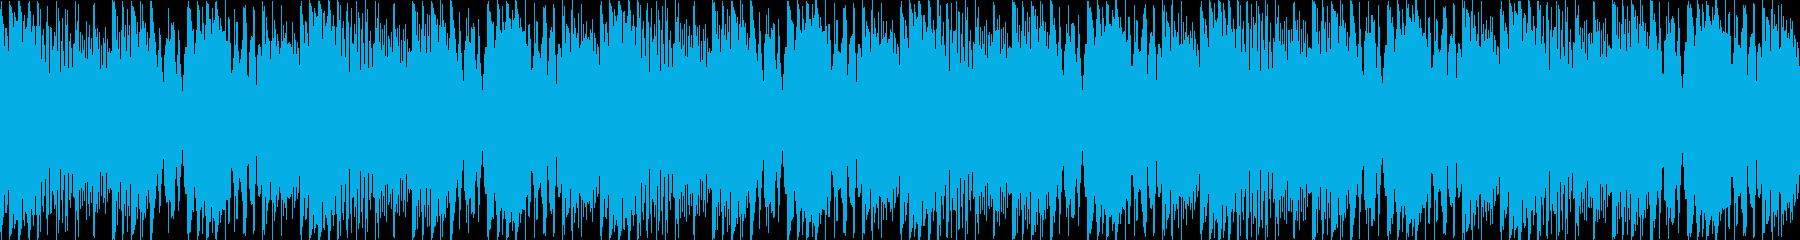 マリンバ/ピアノ/ループ/動画BGM用の再生済みの波形